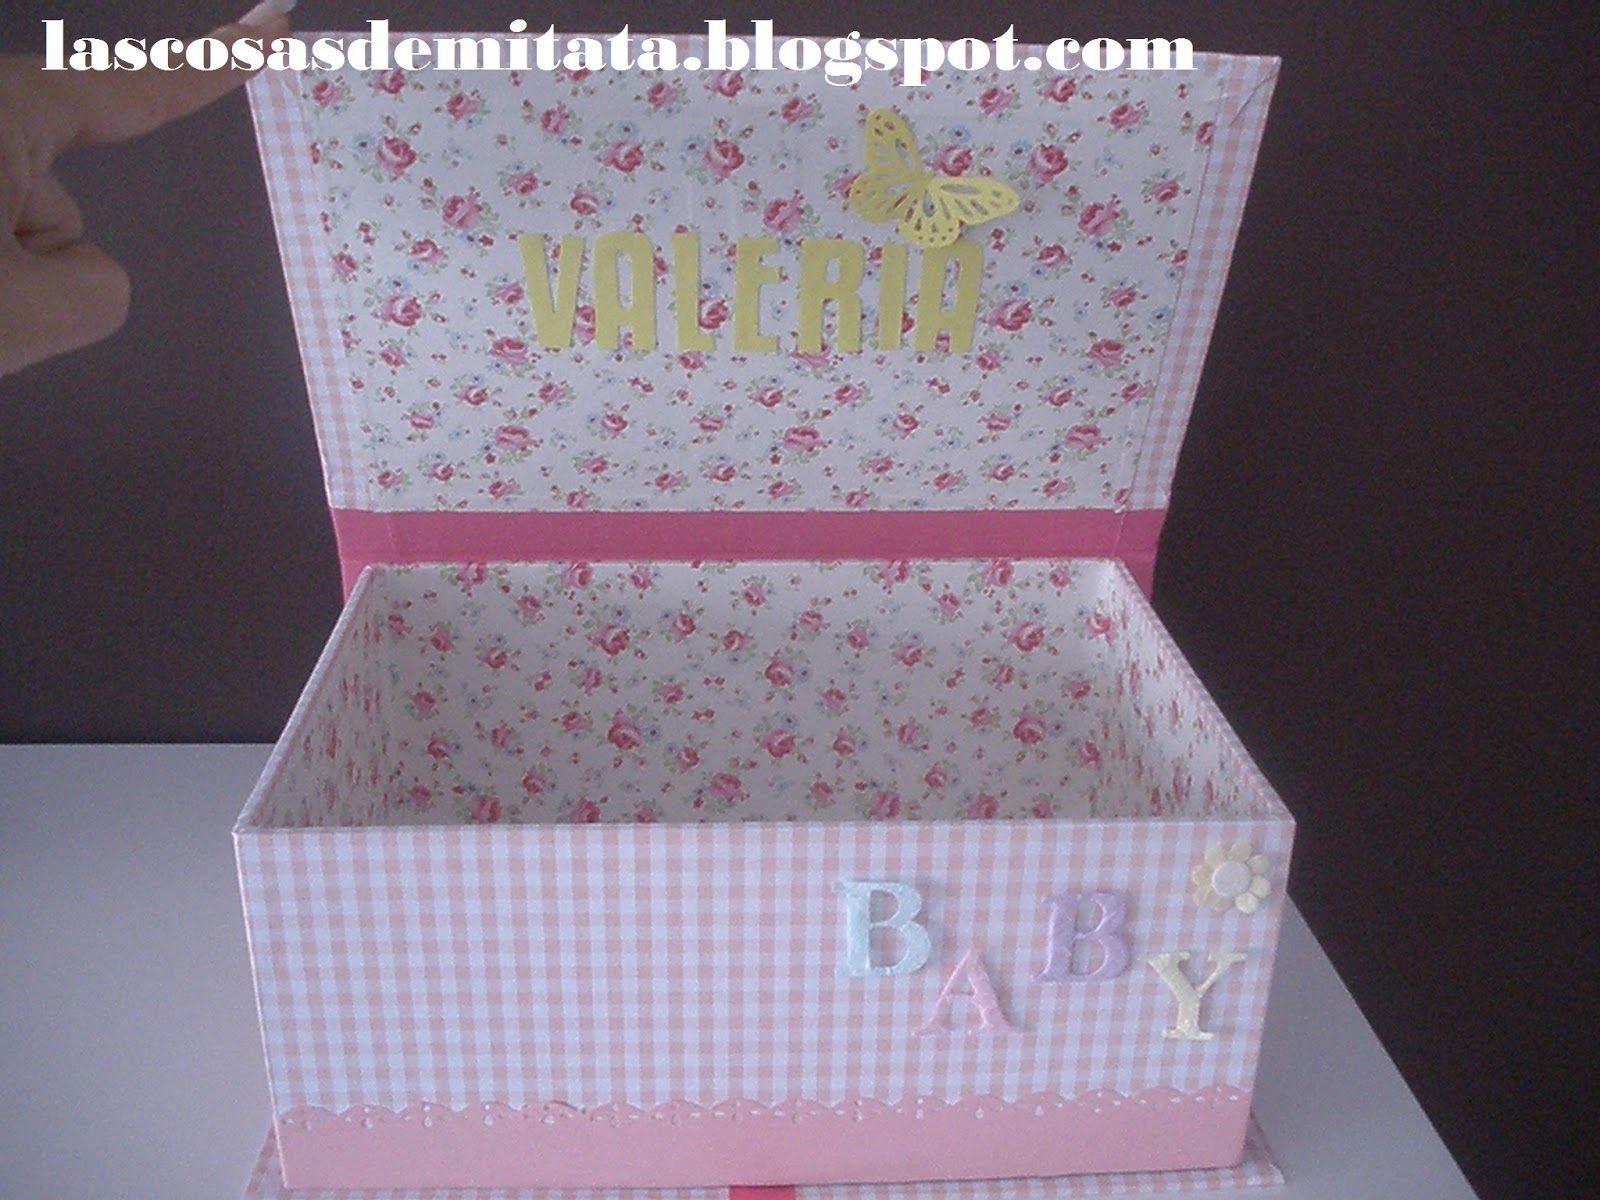 Las cosas de mi tata caja para pa ales baby cajas - Cajas decoradas para bebes ...